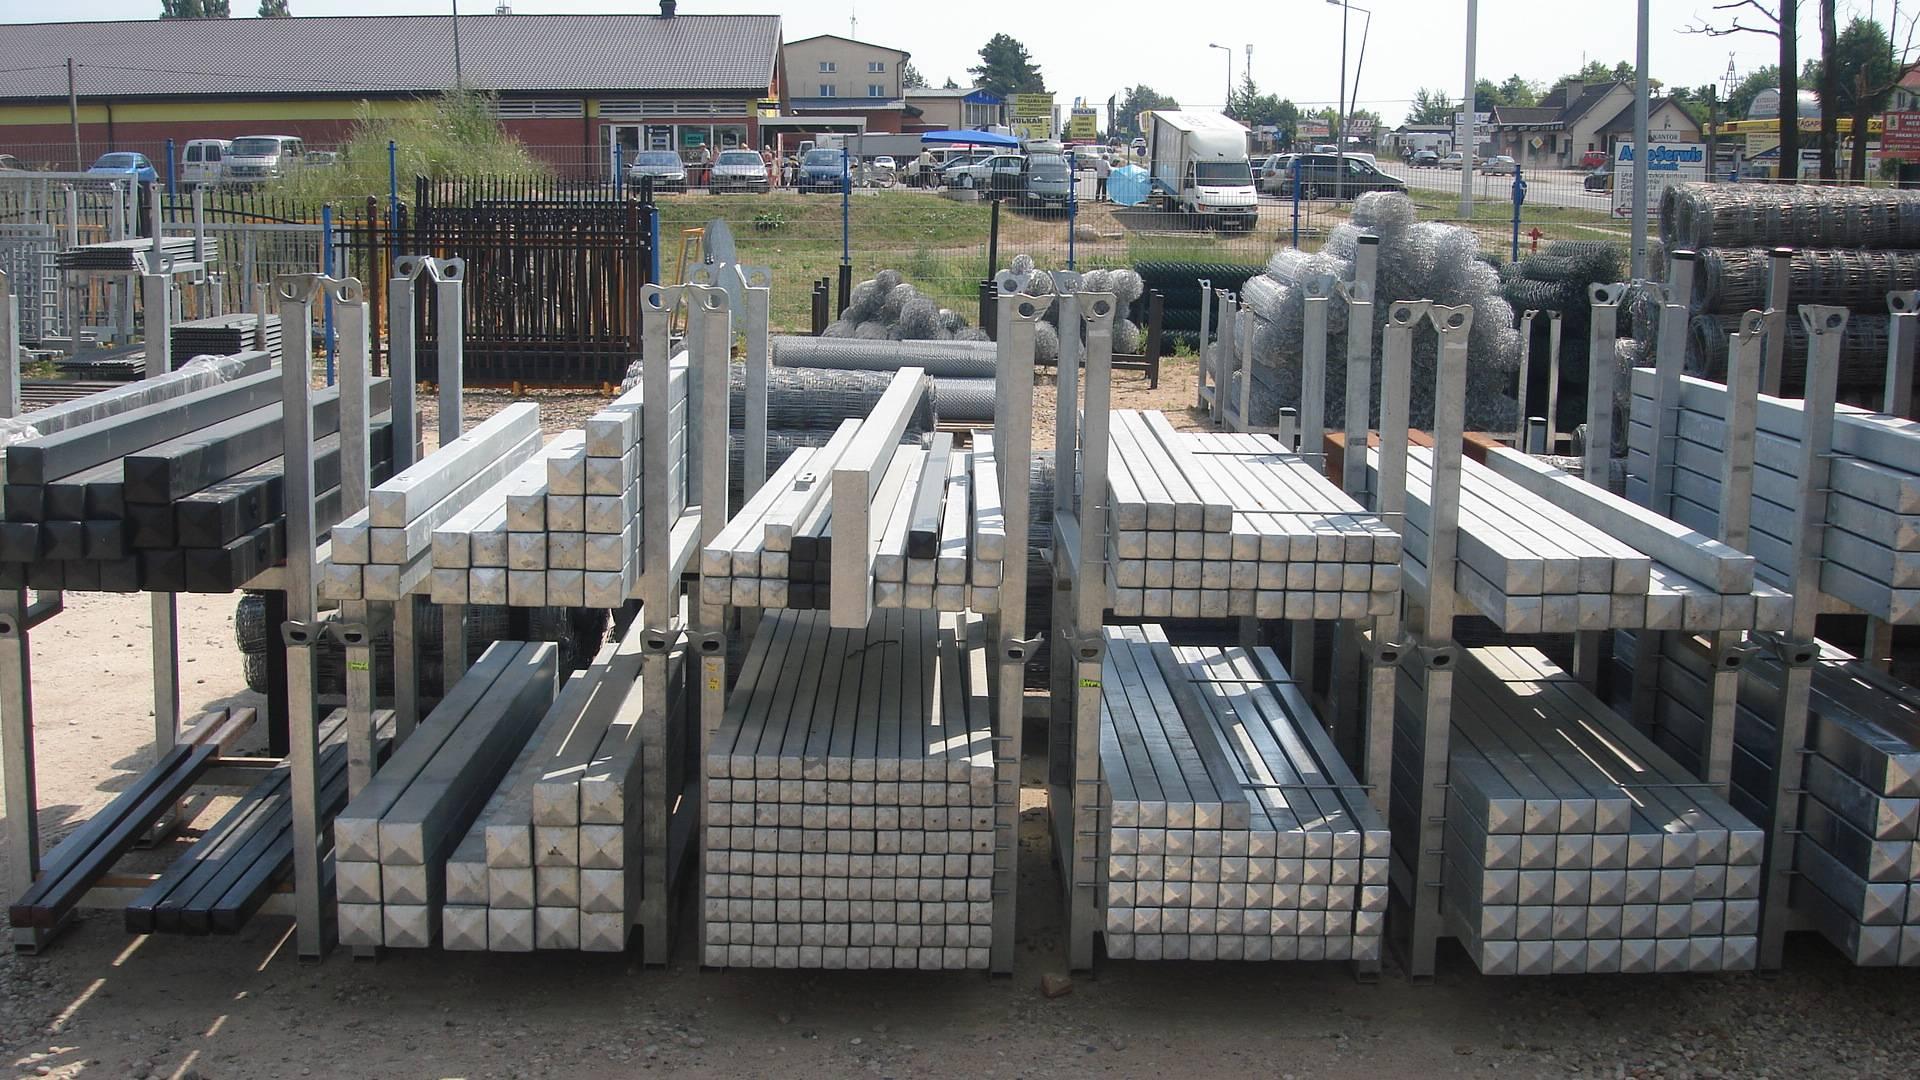 Zaawansowane Słupki ogrodzeniowe do bram i furtek - GROT - Materiały ogrodzeniowe LQ44